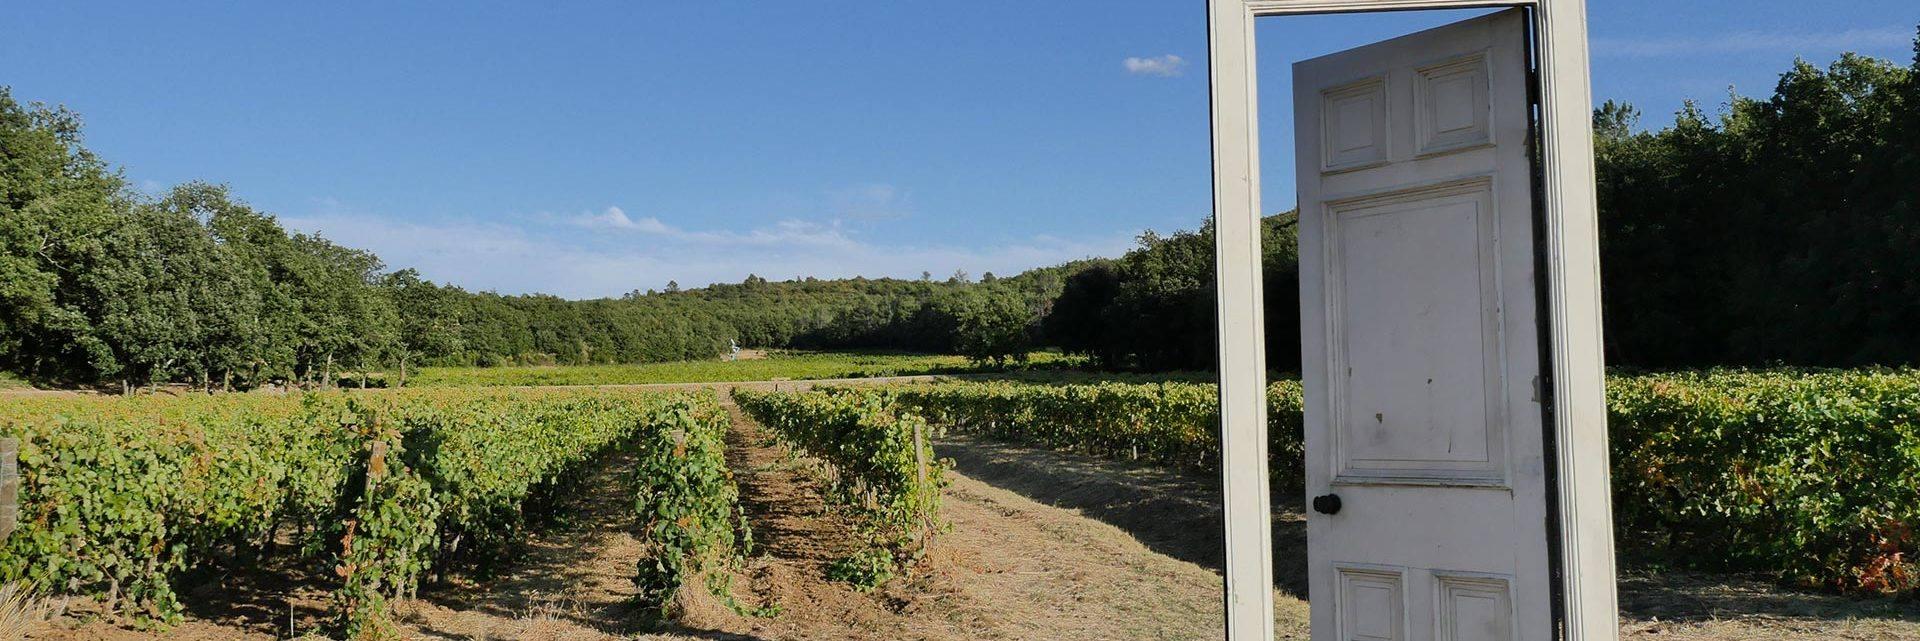 Domaine viticole à Flassans-sur-Issole